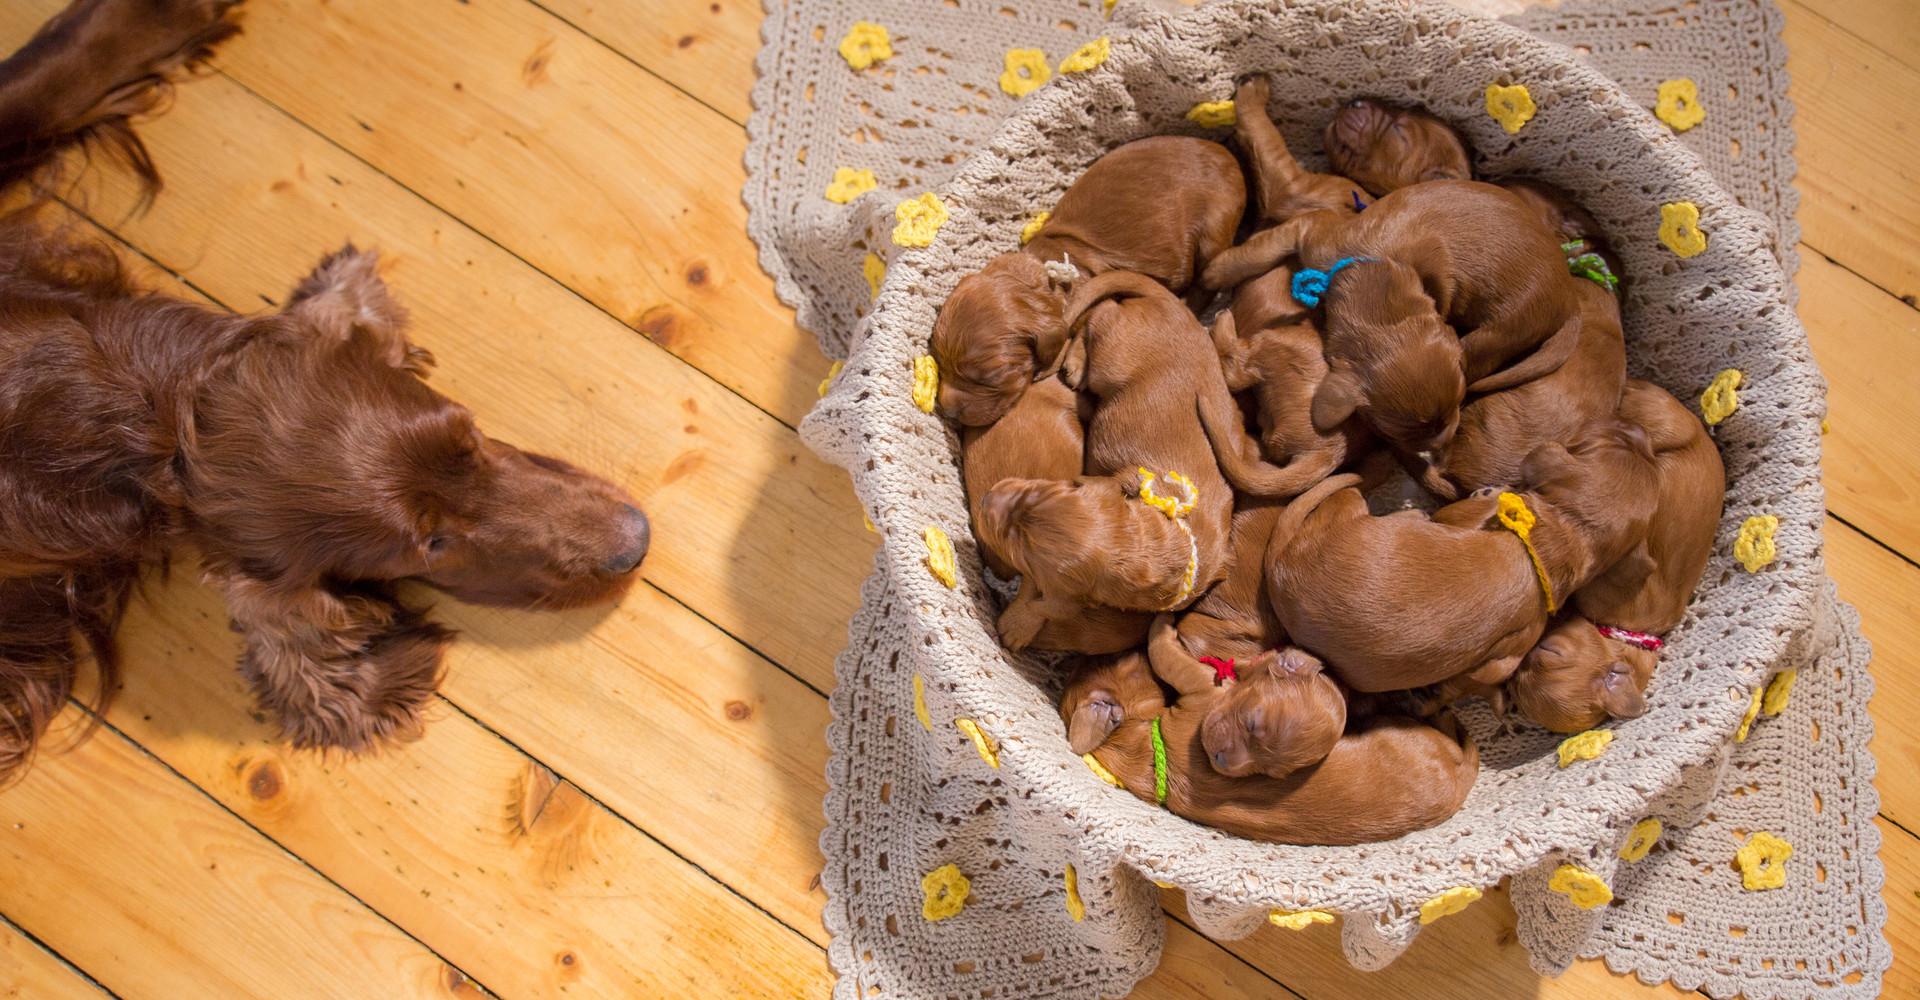 Hundewelpen und Hundemama von oben